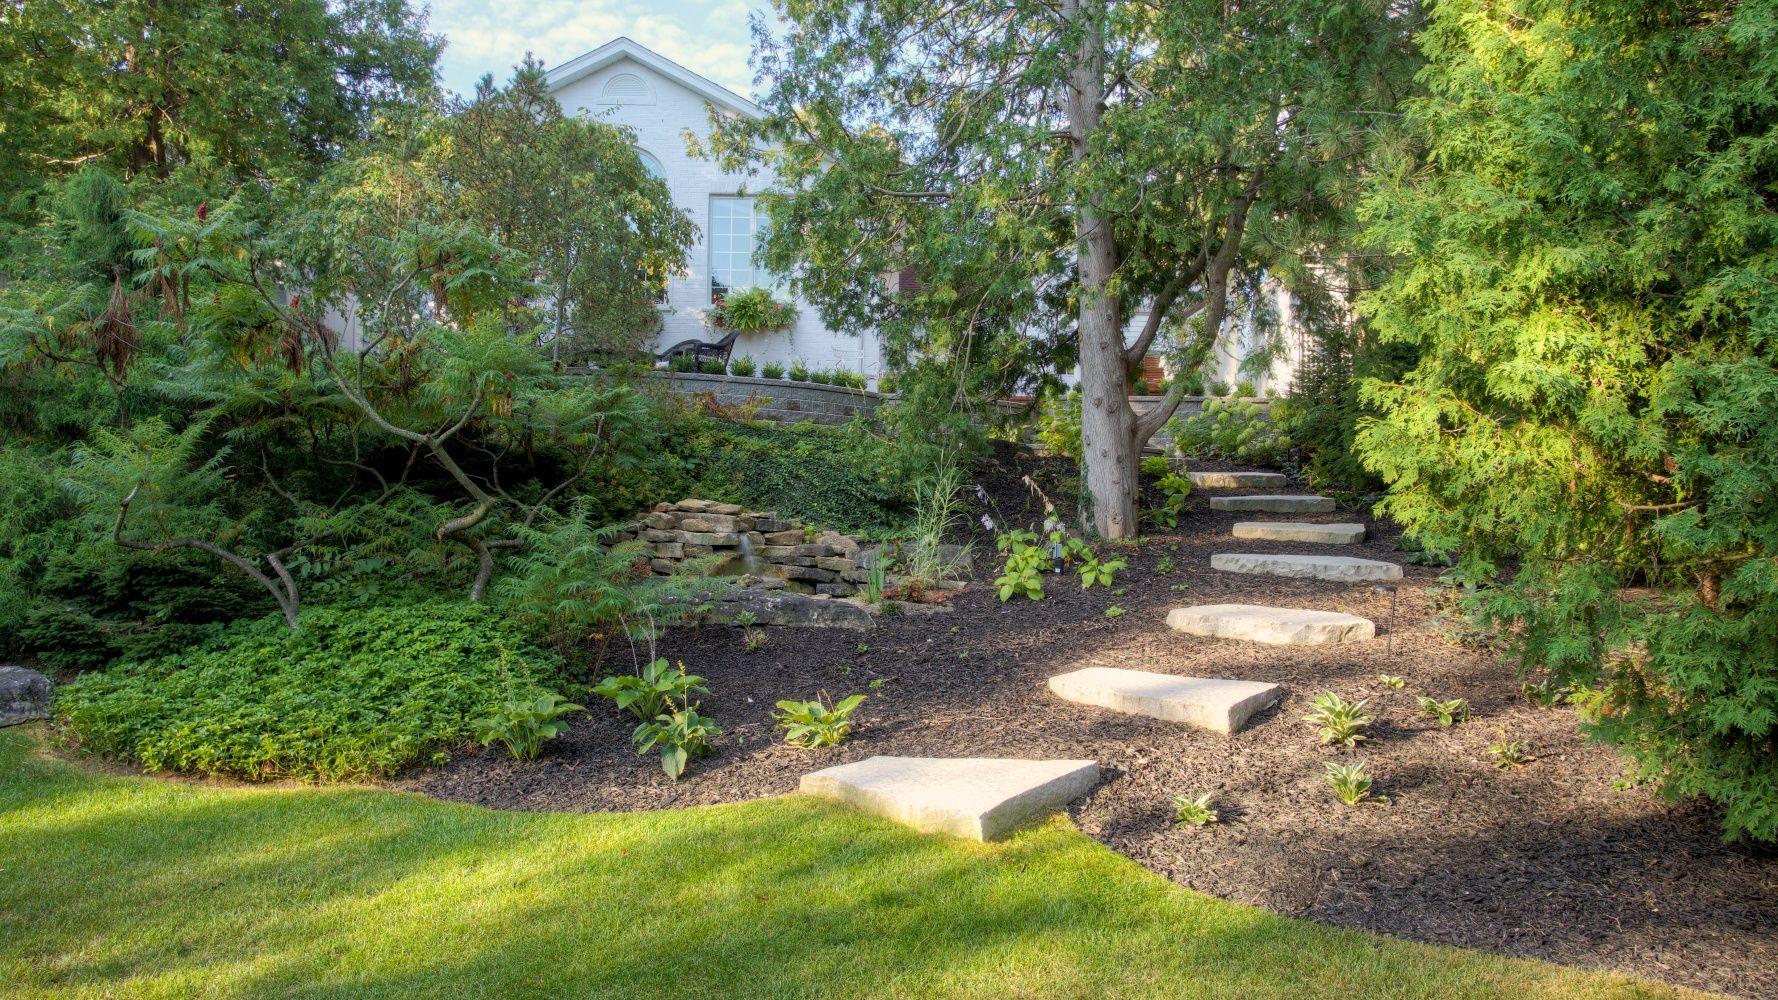 gallery landscape design lawn maintenance hamilton burlington